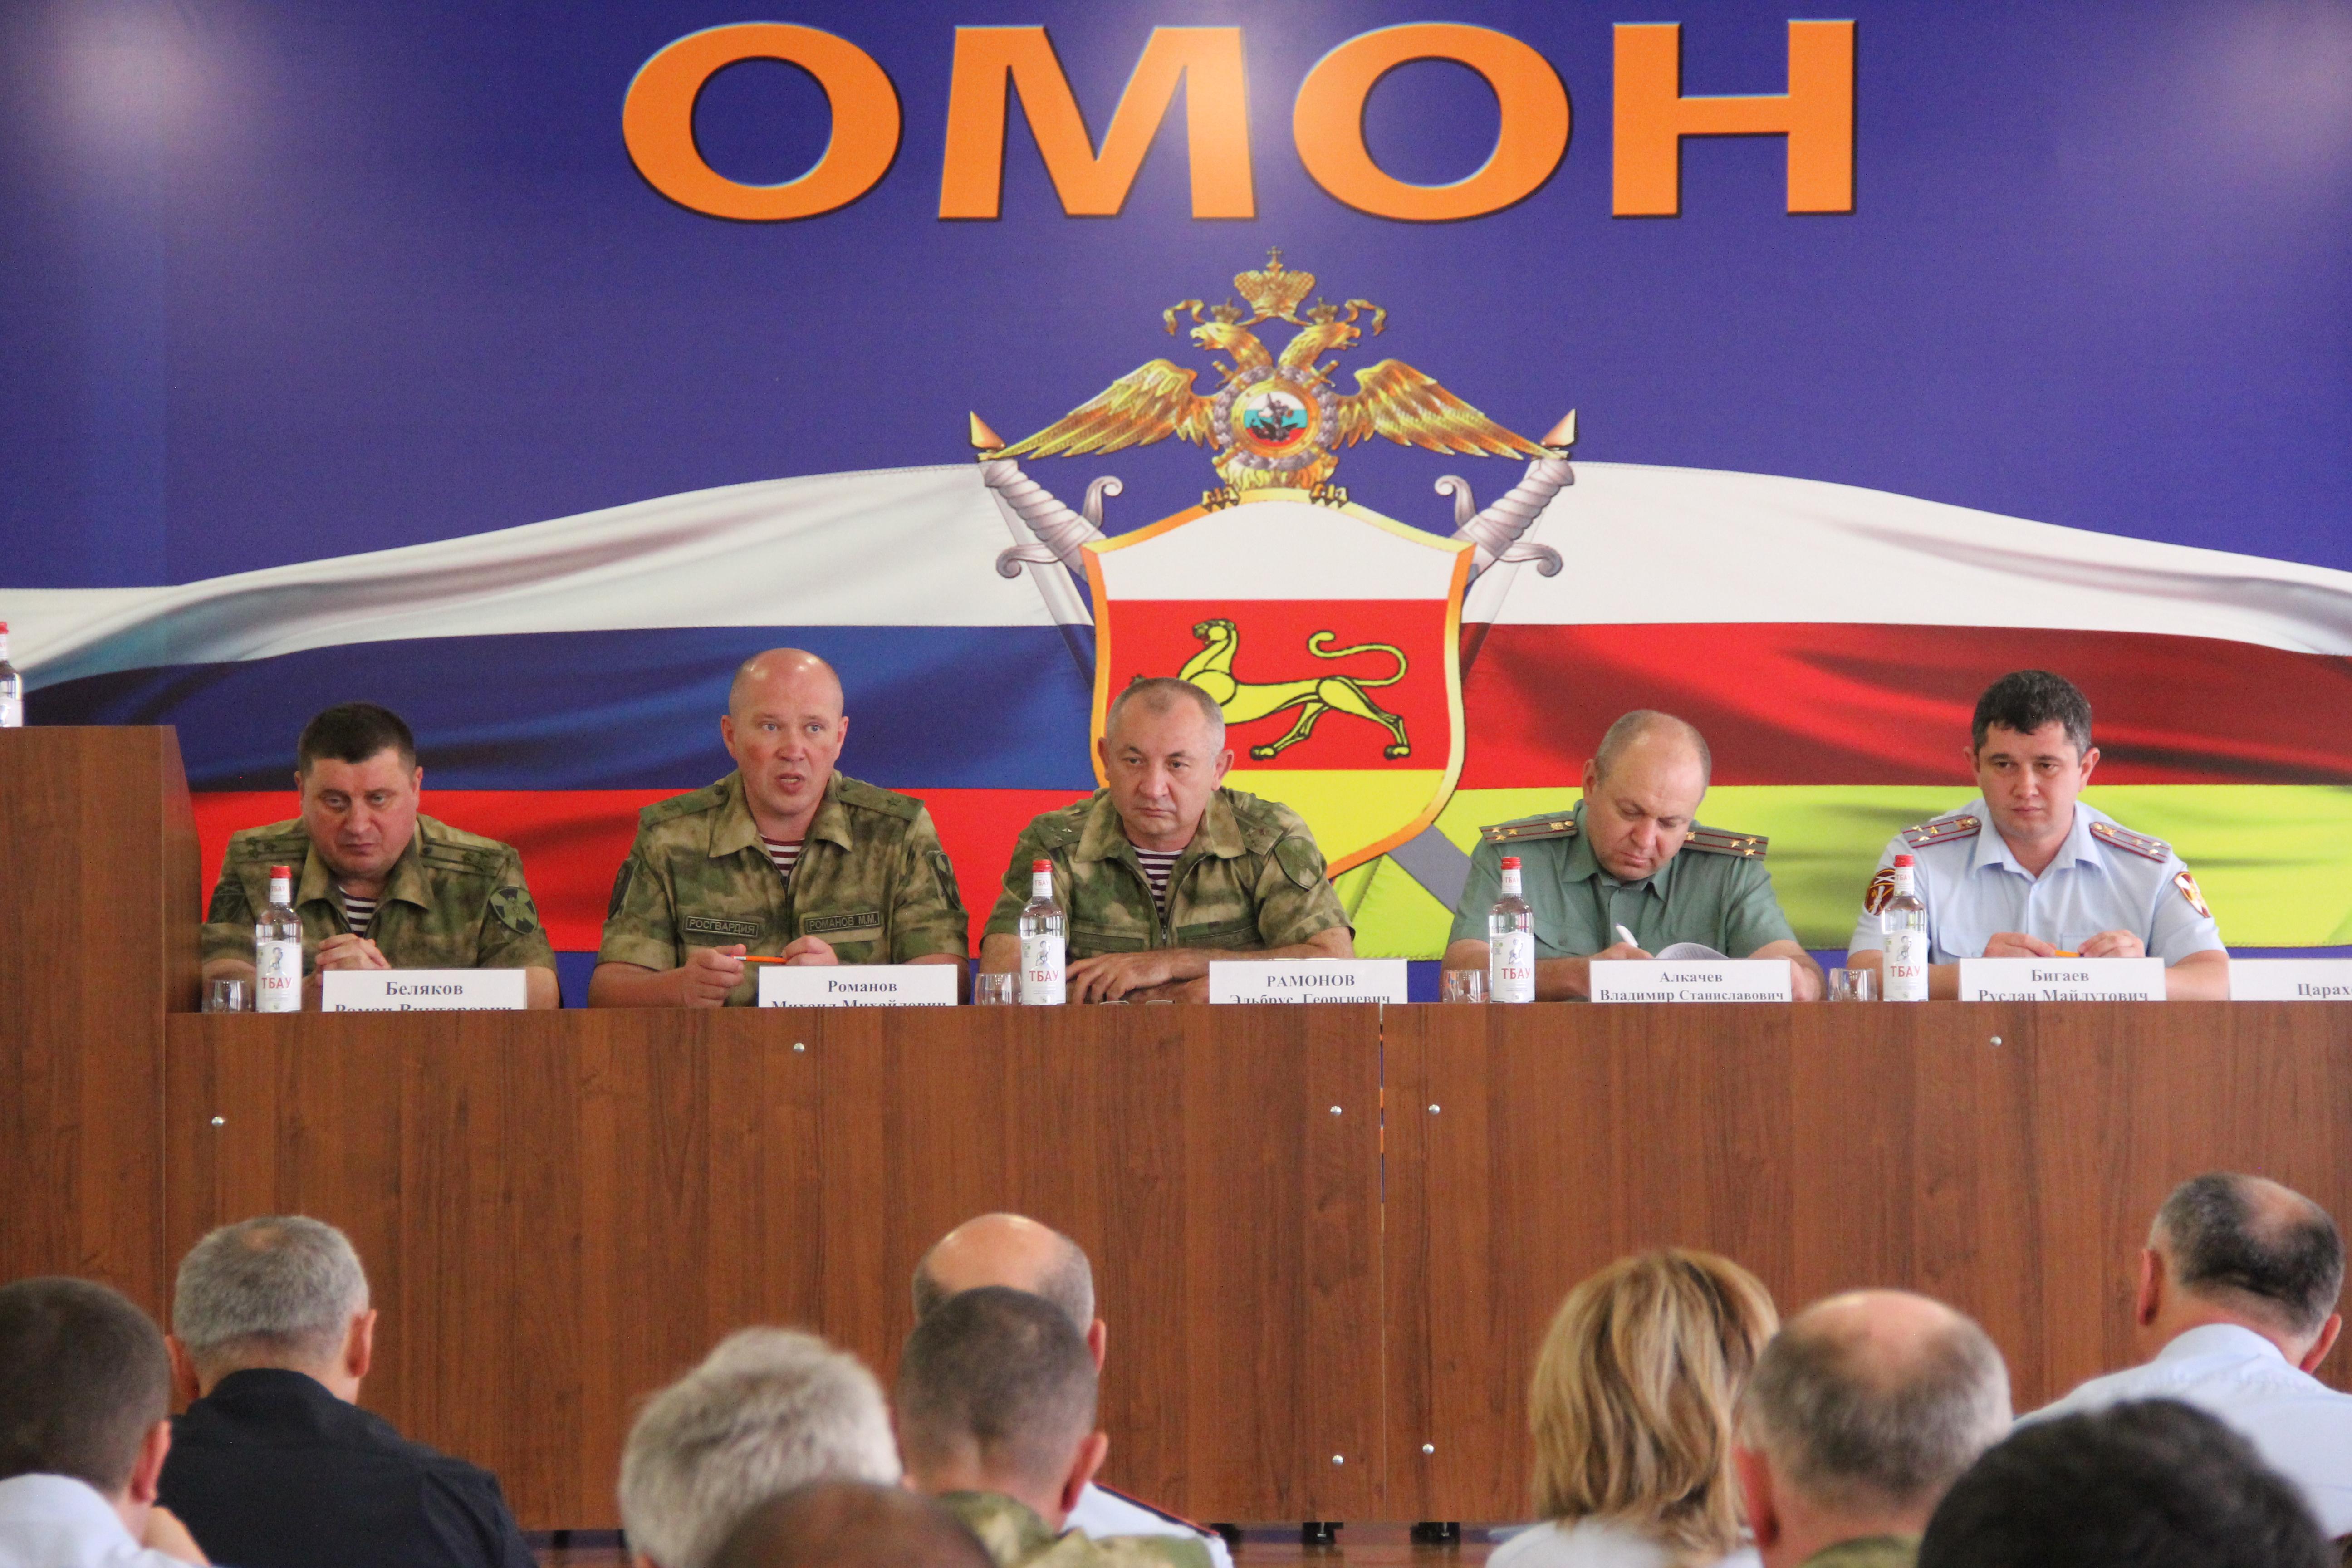 Более 700 боеприпасов незаконного оборота было изъято в Северной Осетии сотрудниками Росгвардии за первое полугодие 2019 года